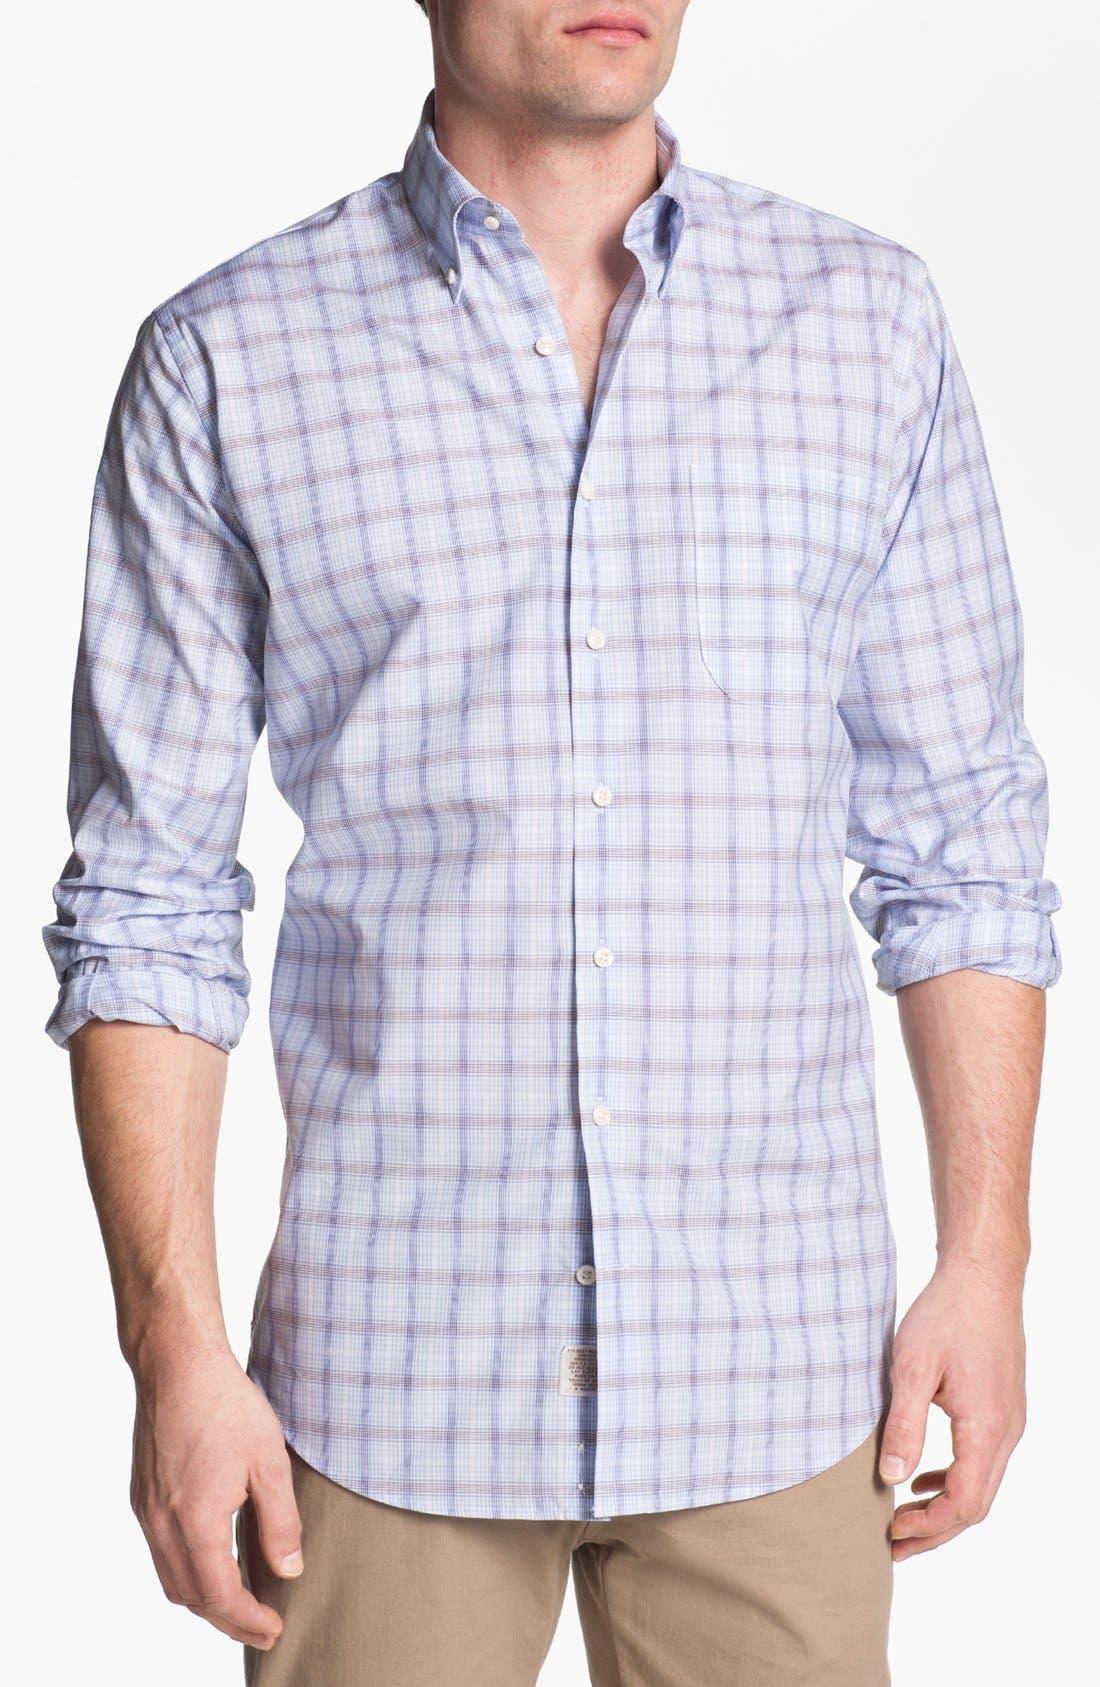 Alternate Image 1 Selected - Peter Millar 'Zurich' Regular Fit Plaid Sport Shirt (Tall)